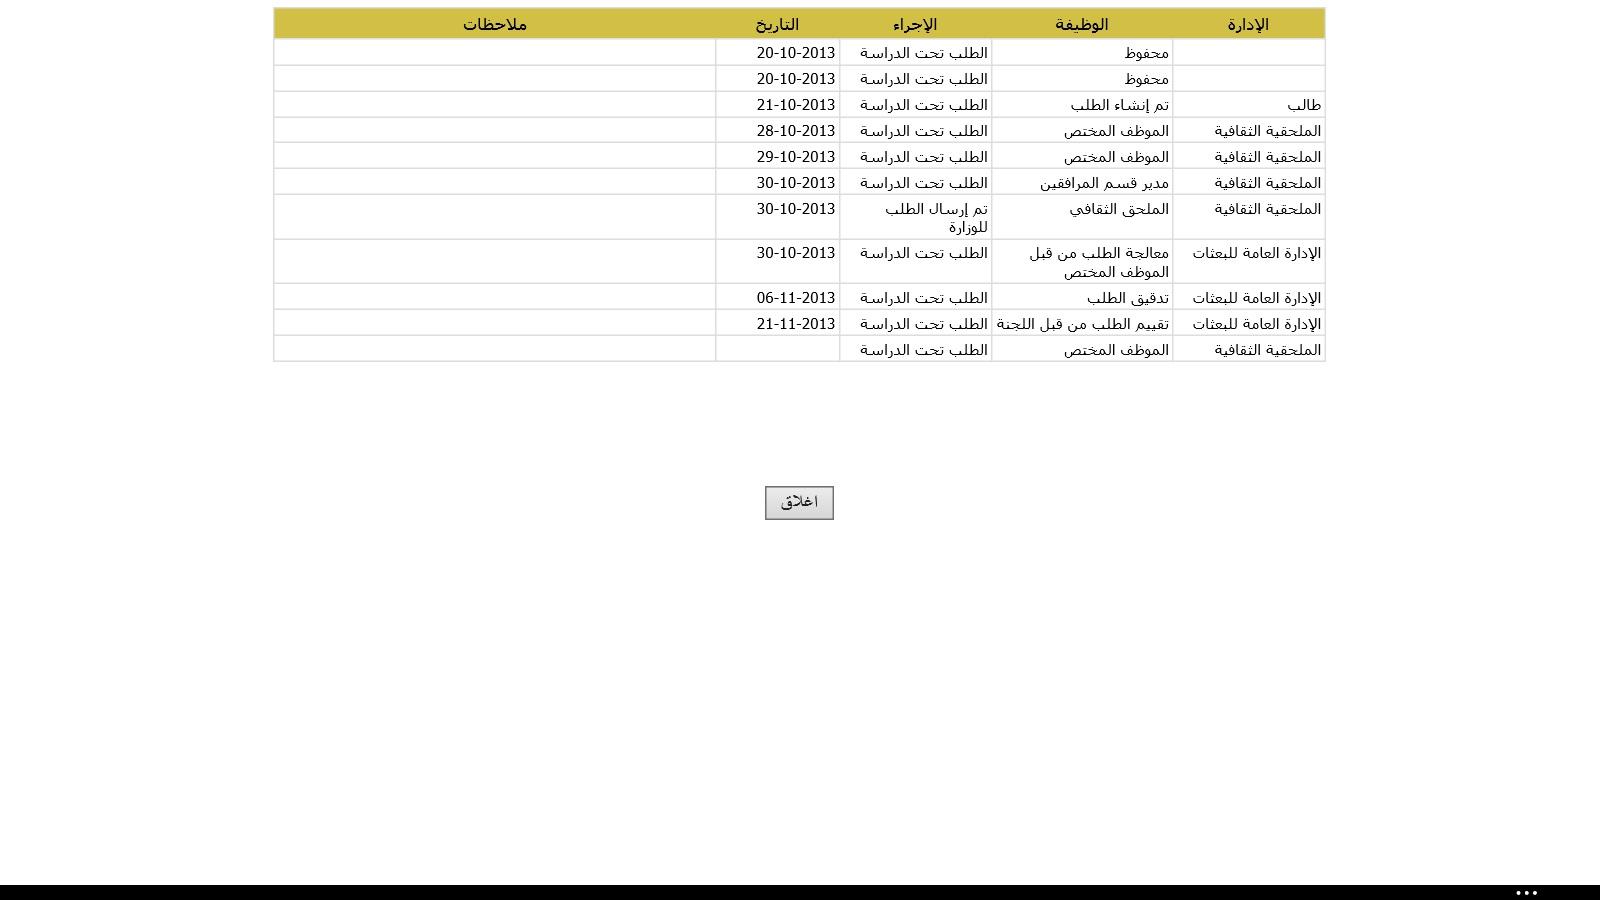 ���� ��� ������ ���� ����  ��������:Screenshot (4).jpg ���������:216 ��������:130.0 �������� �����:29106